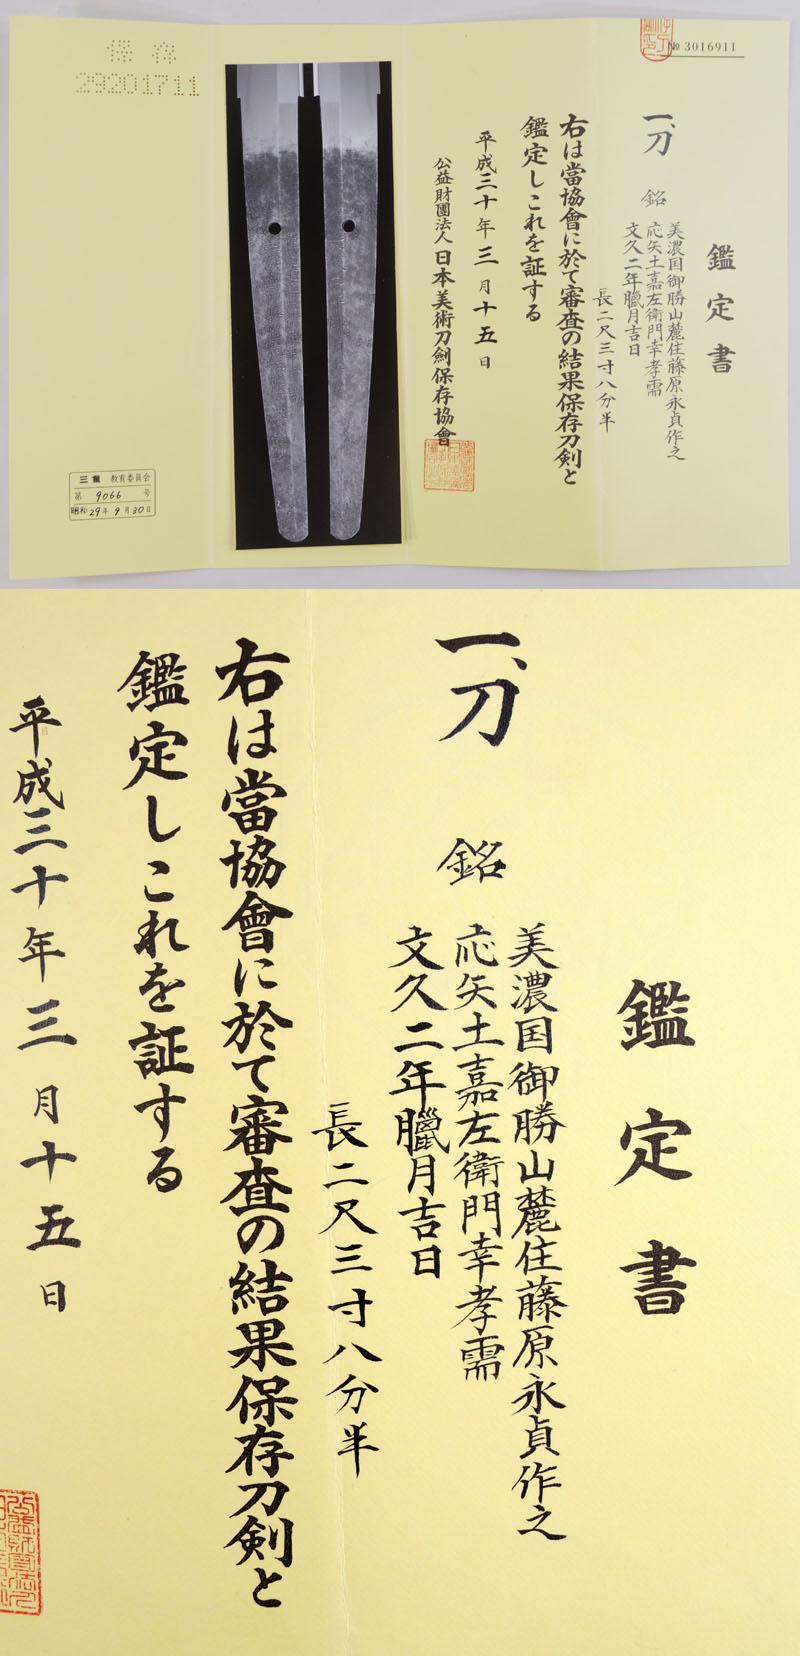 藤原永貞作之 (御勝山永貞) Picture of Certificate